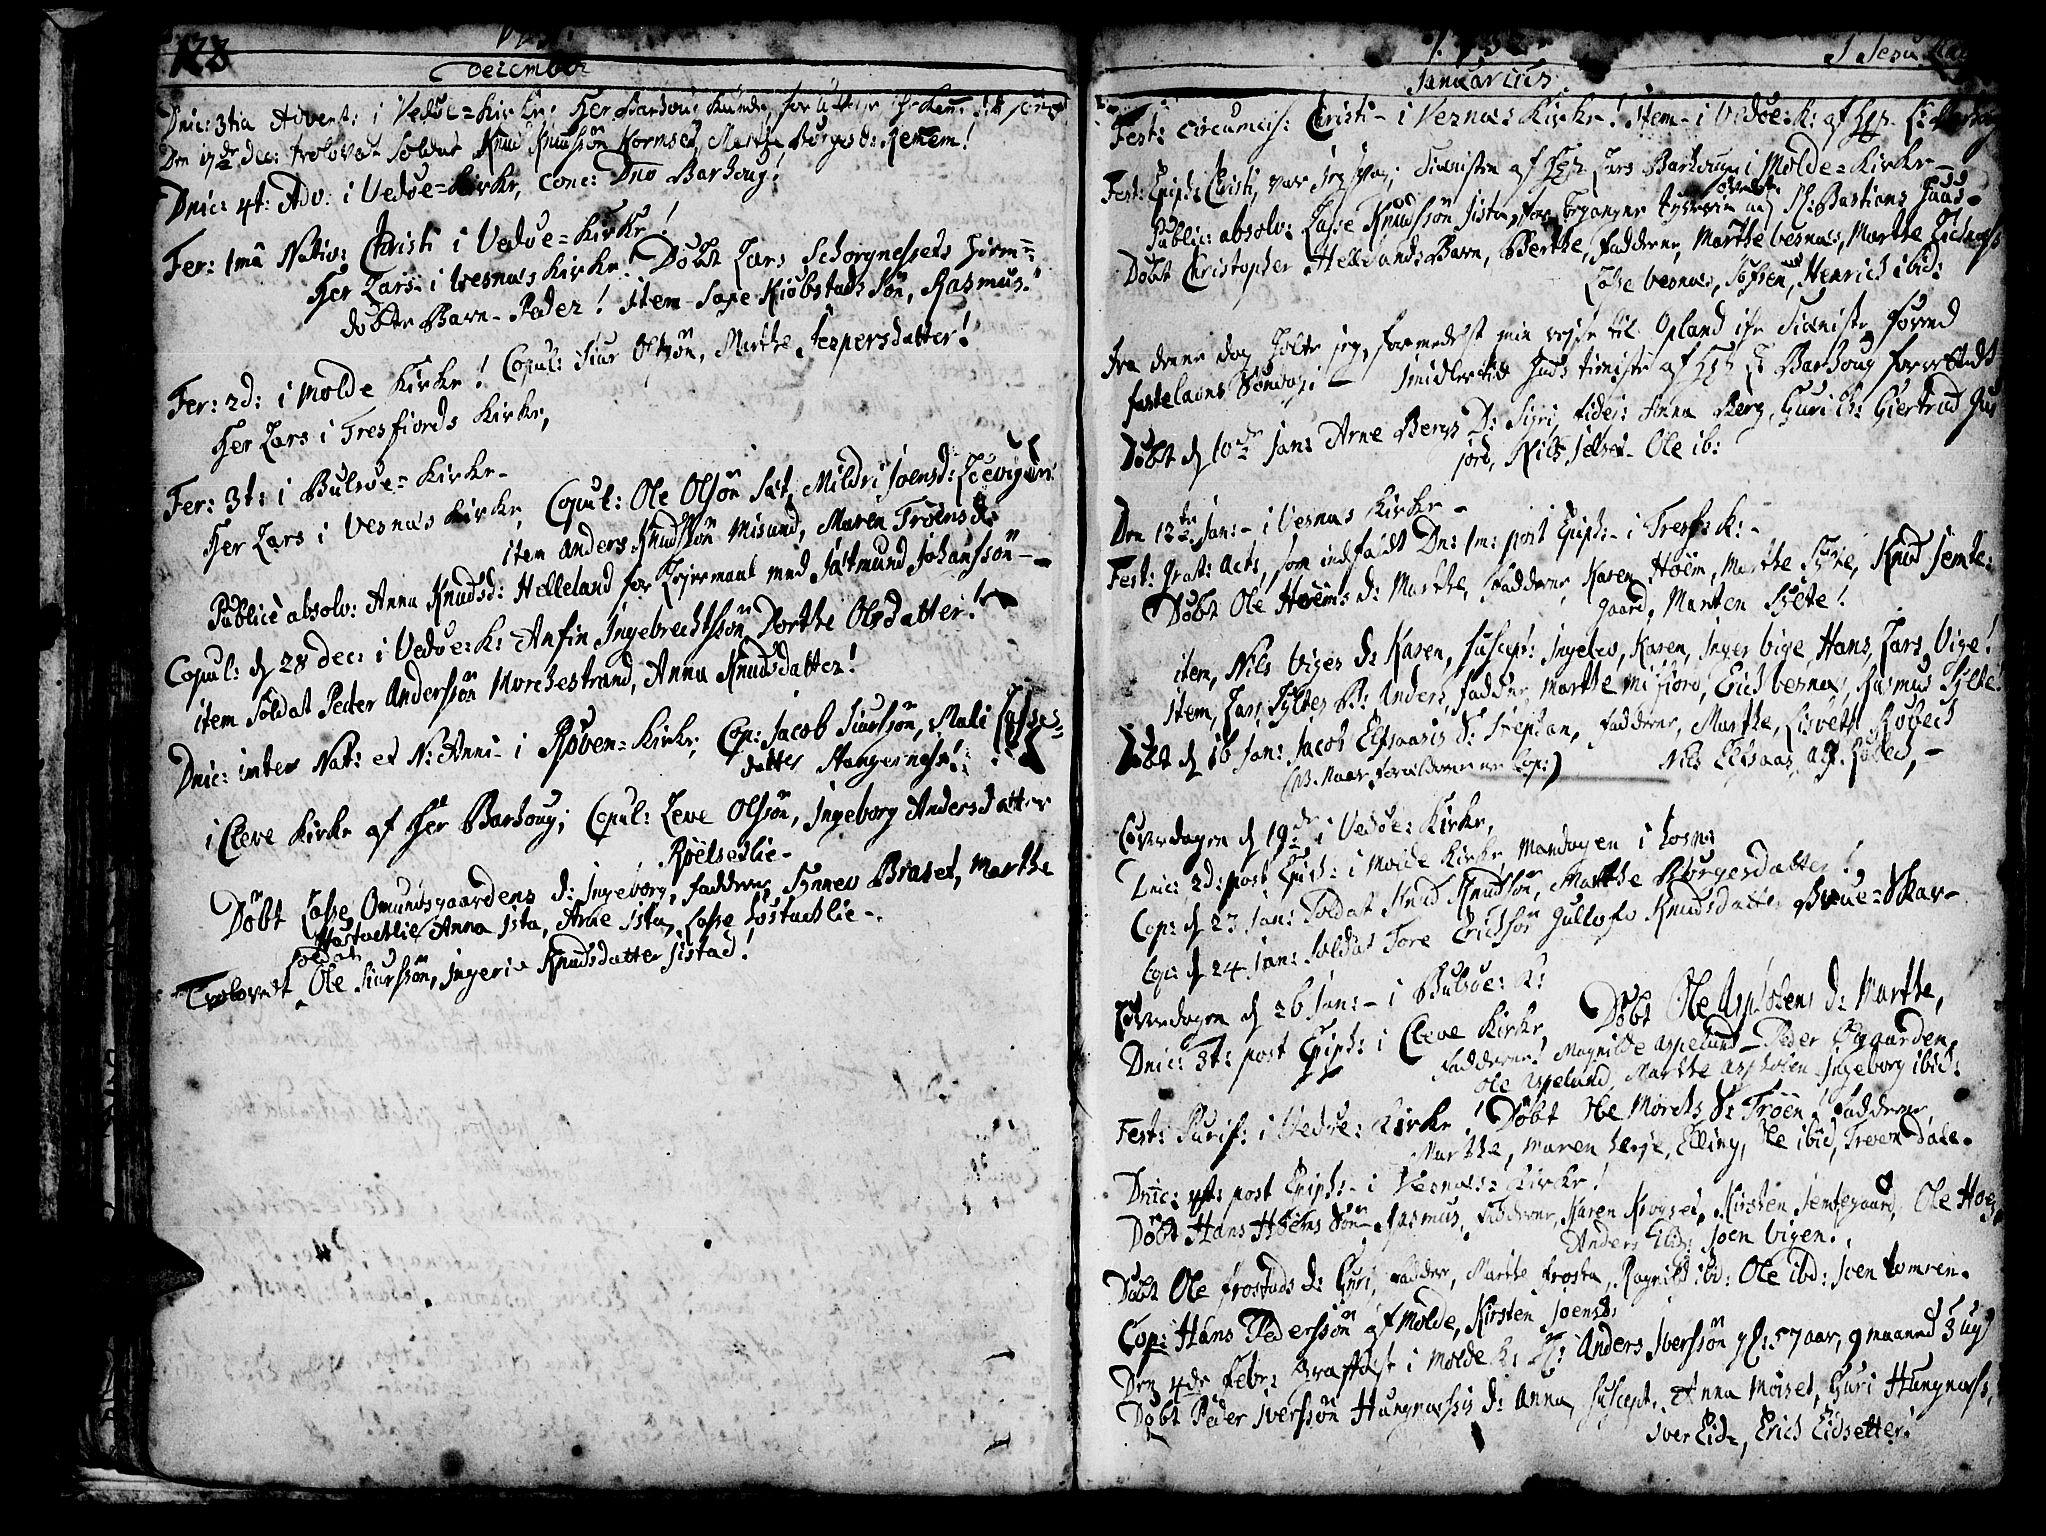 SAT, Ministerialprotokoller, klokkerbøker og fødselsregistre - Møre og Romsdal, 547/L0599: Ministerialbok nr. 547A01, 1721-1764, s. 124-125